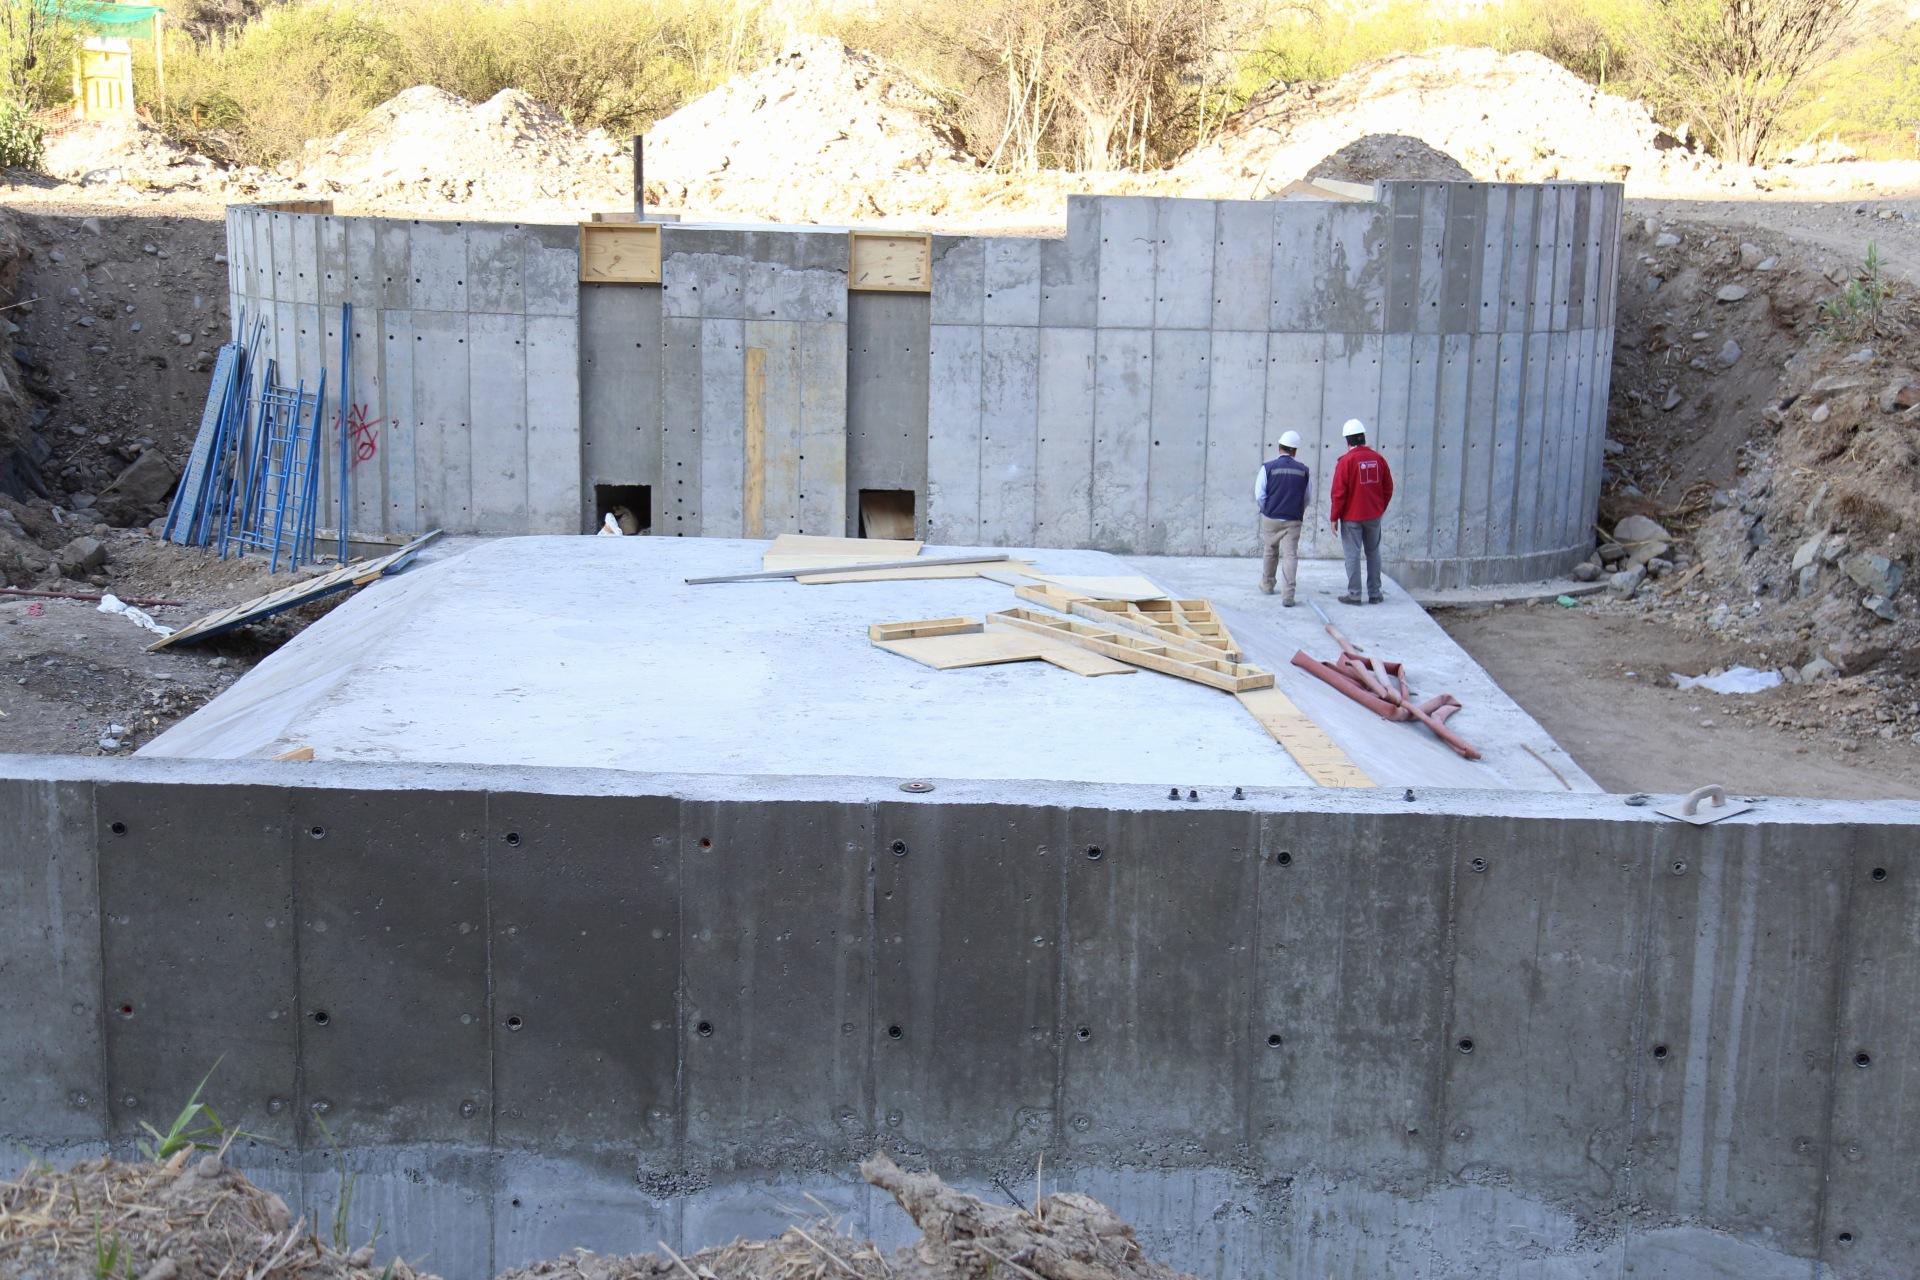 Nueva estación fluviométrica El Maitén en el río Huasco lleva un 85% de avance